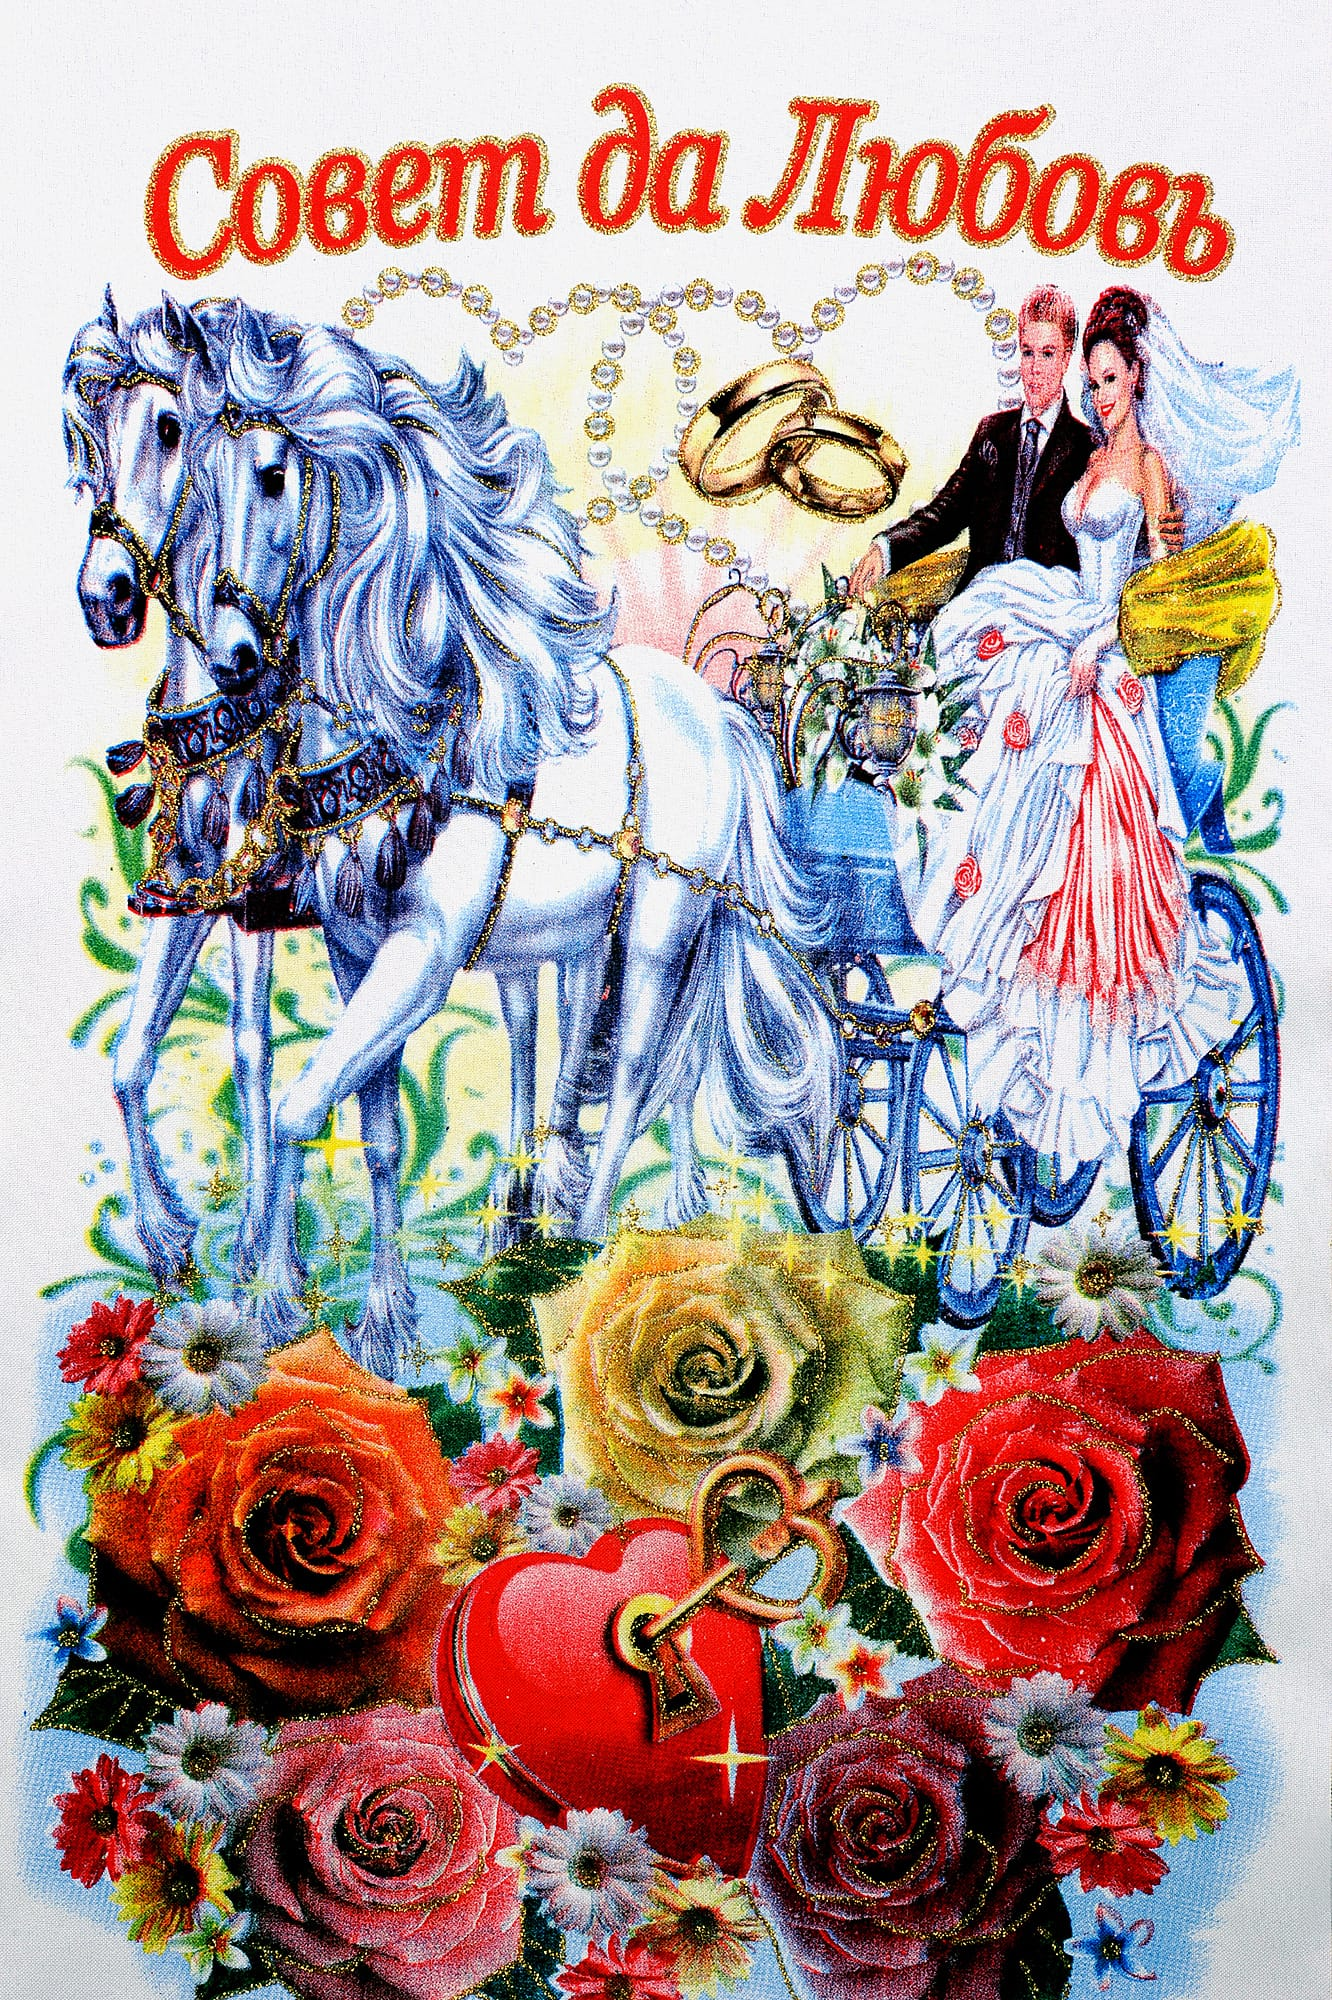 Яркий свадебный рушник с красочным изображением цветов и пары молодоженов.